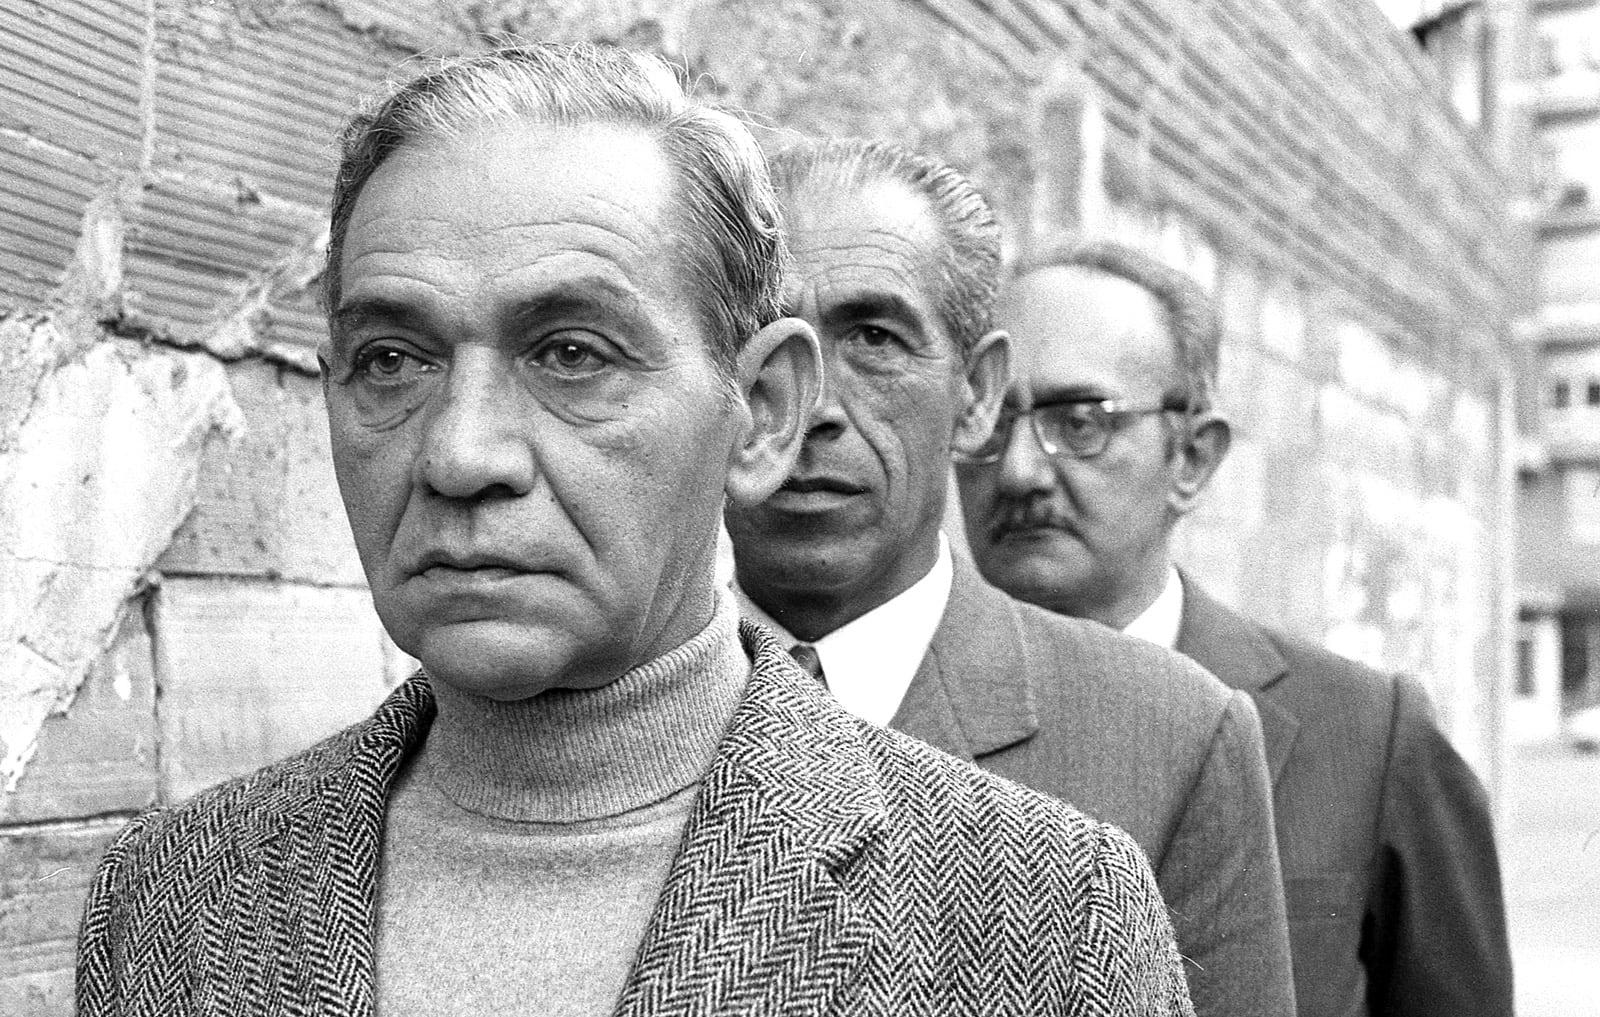 Exdeportats catalans als camps nazis, el 1972. D'esquerra a dreta Ferran Planes, Joan Pagès i Joaquim Amat-Piniella.